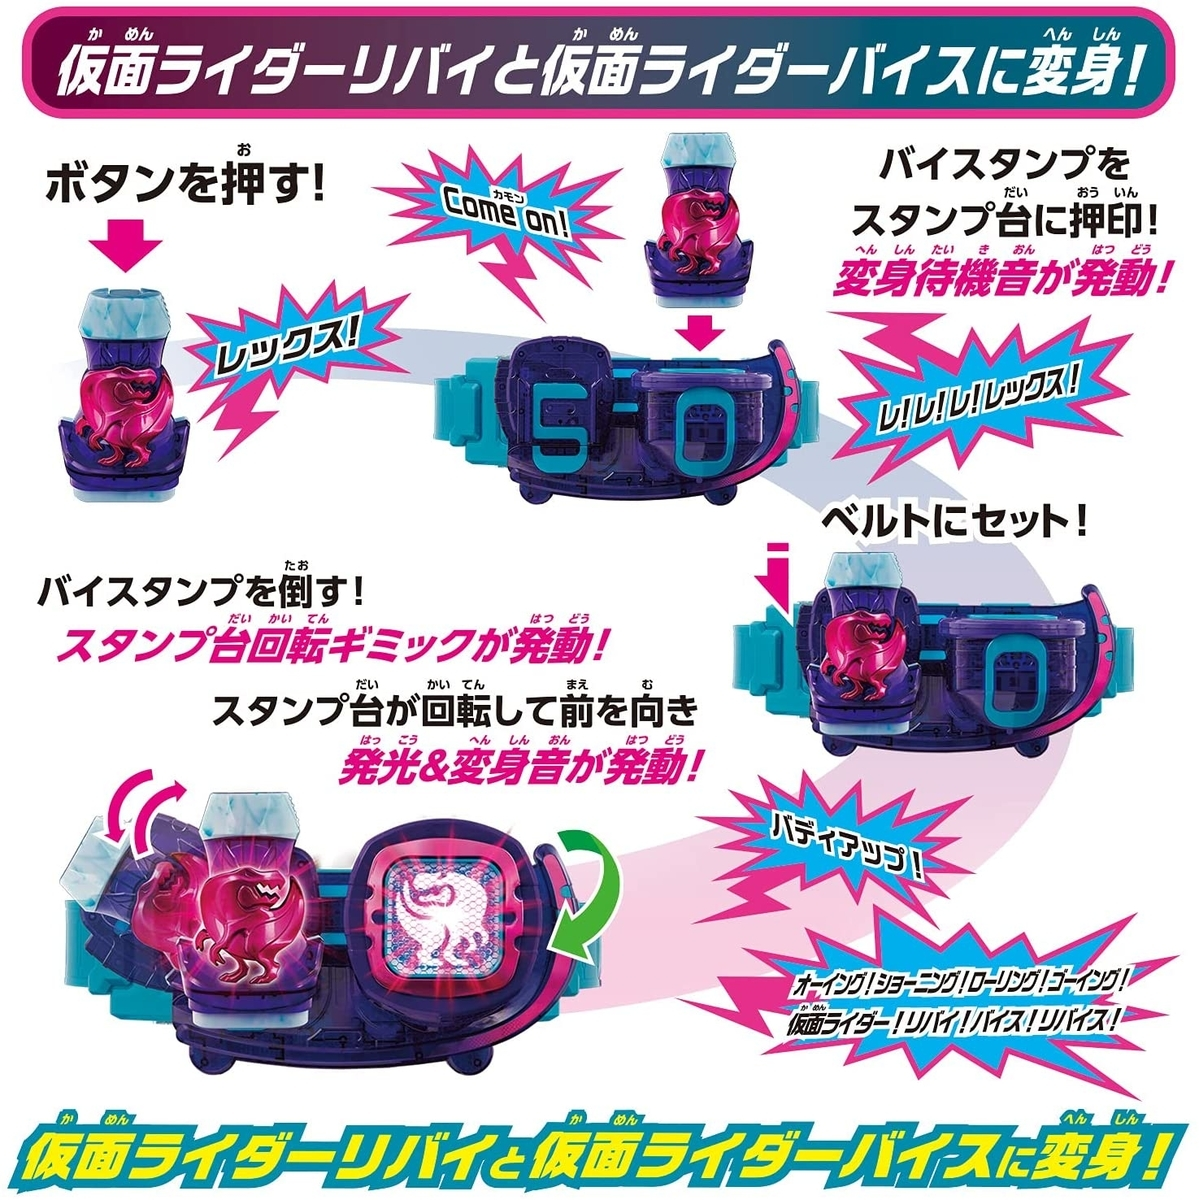 f:id:haruhiko1112:20210907224248j:plain